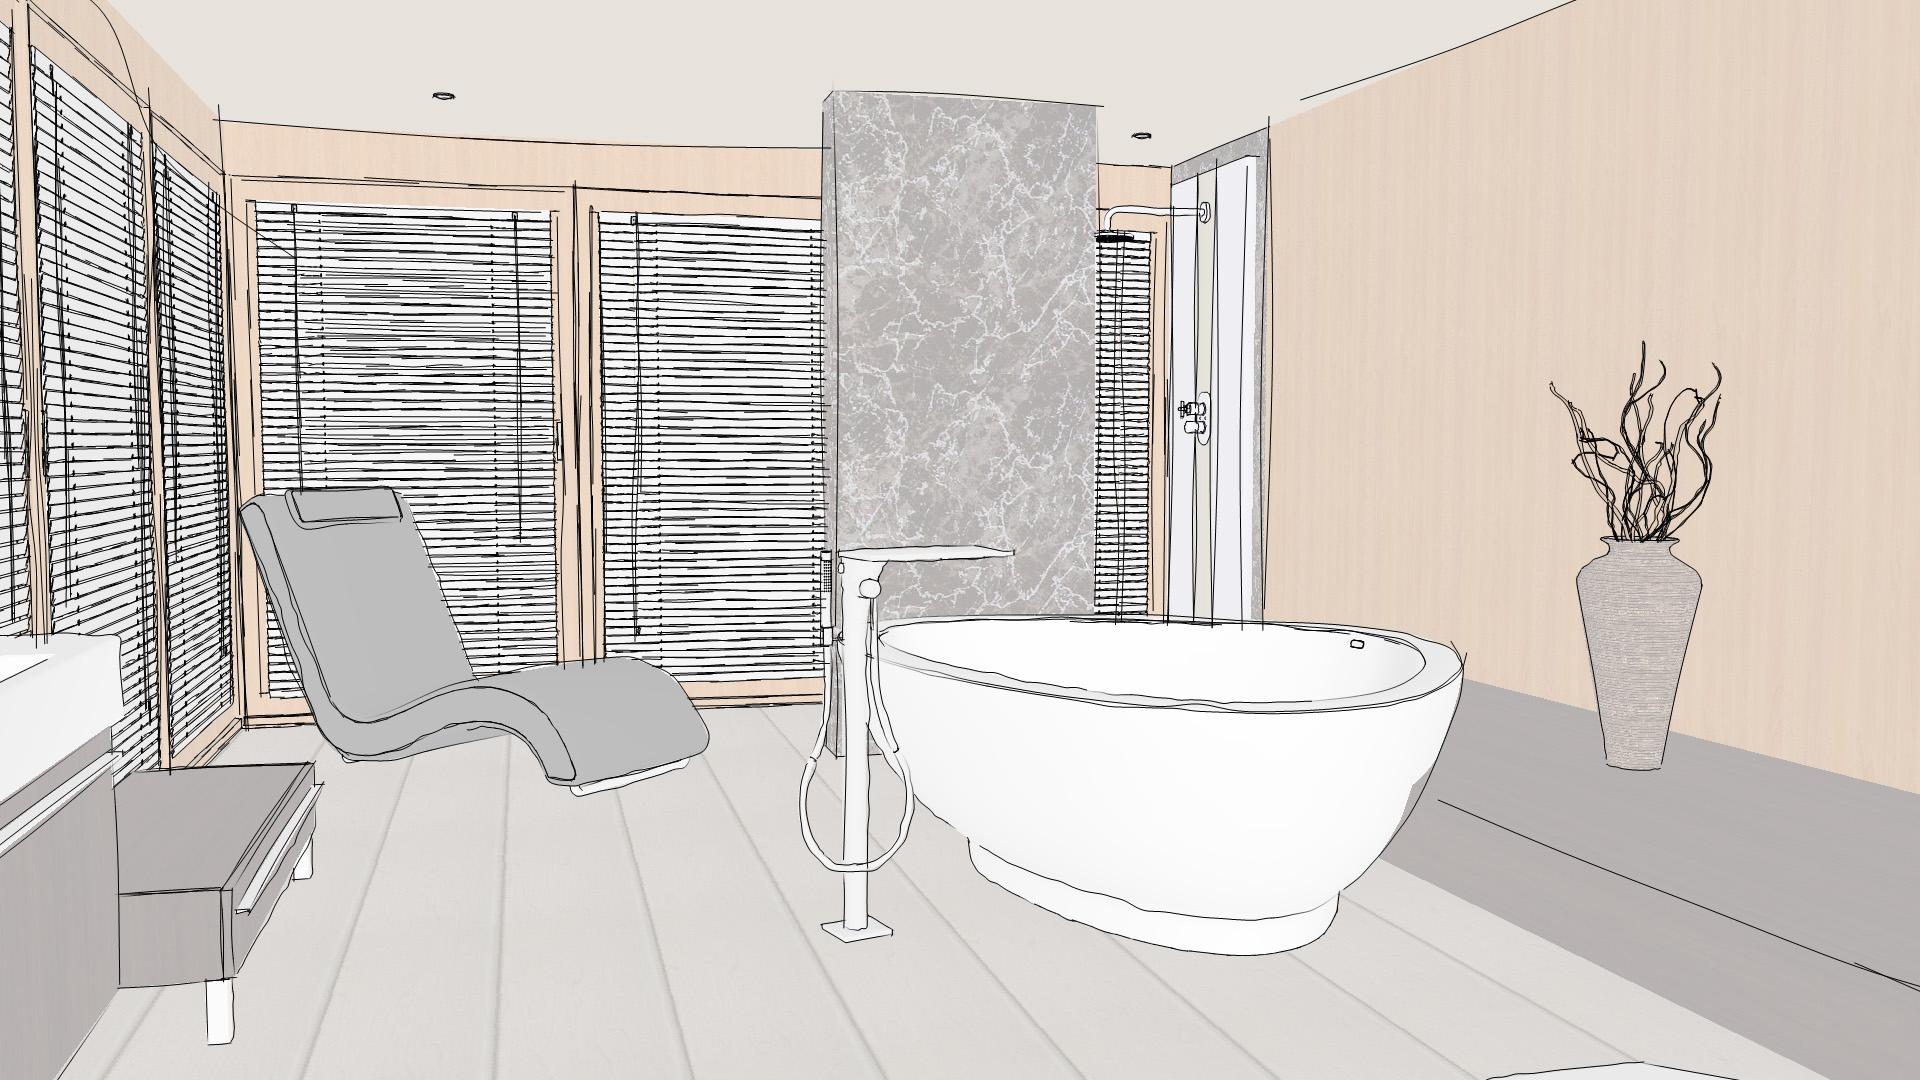 un outil pour concevoir soi m me sa future salle de bains 3d pajot ch n chaud. Black Bedroom Furniture Sets. Home Design Ideas